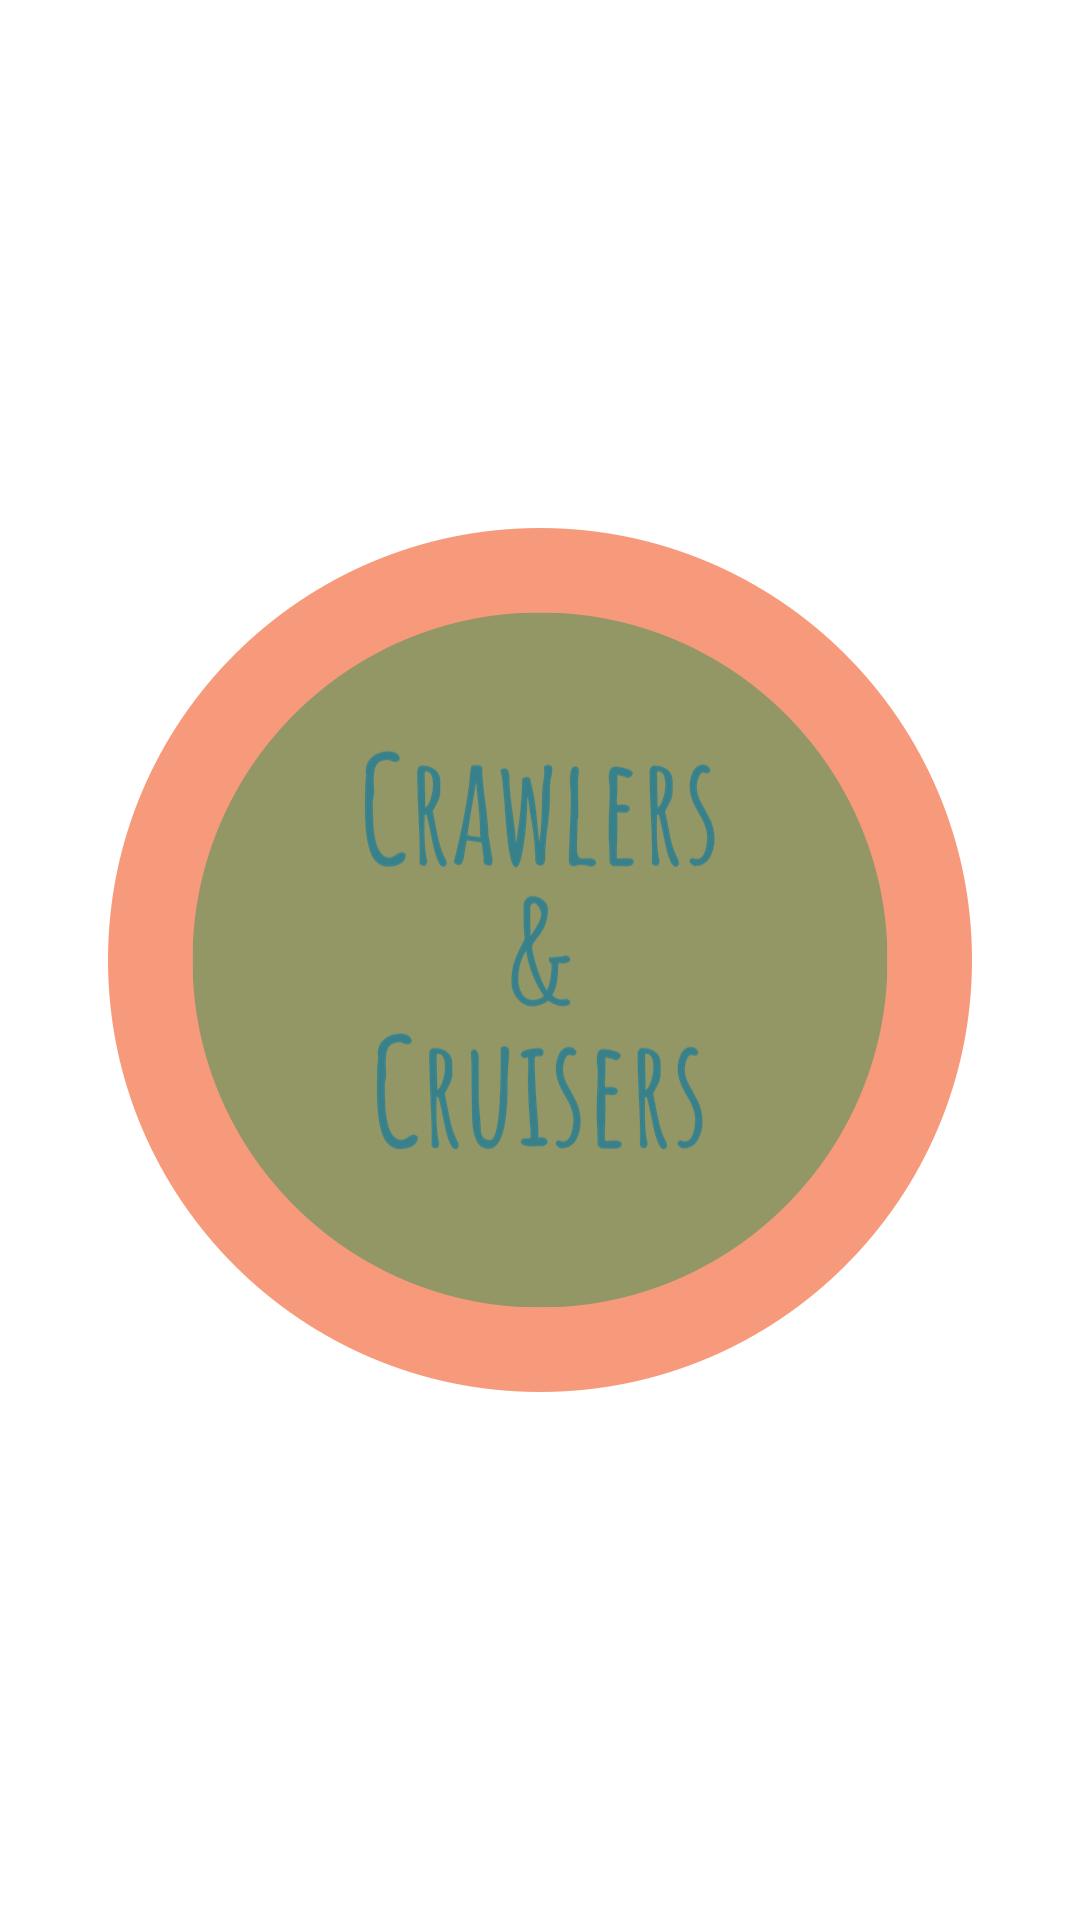 Crawlers & Cruisers